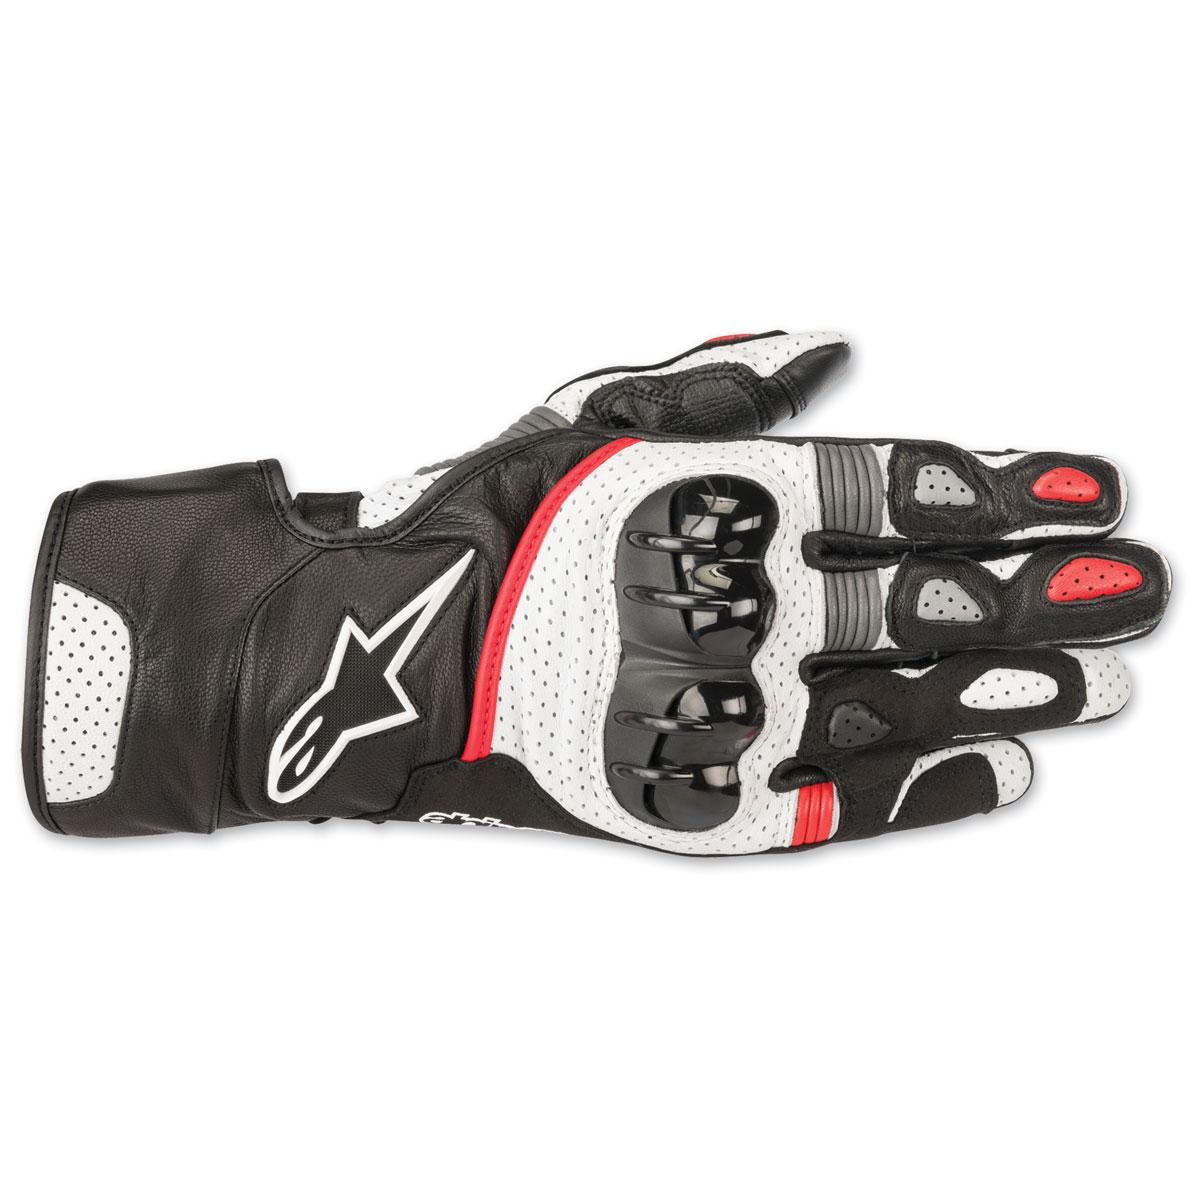 Alpinestars Men's SP-2 v2 Black/White/Red Gloves